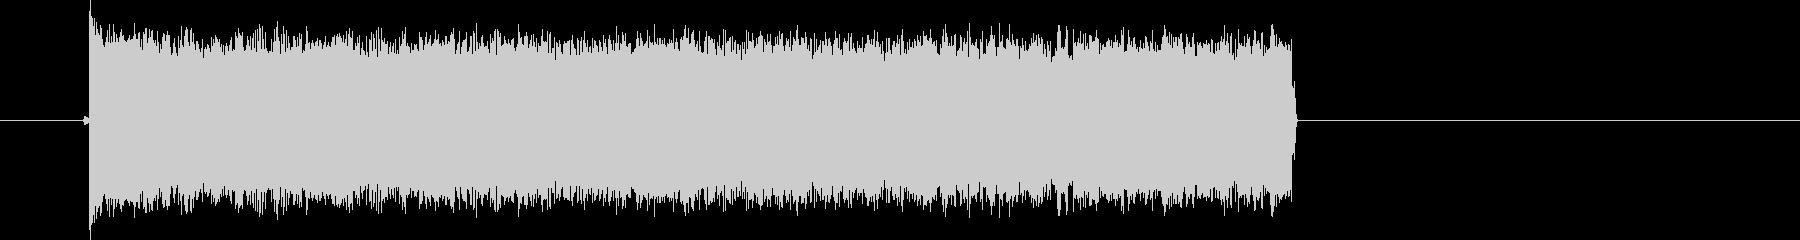 ピピピが連続する音の未再生の波形